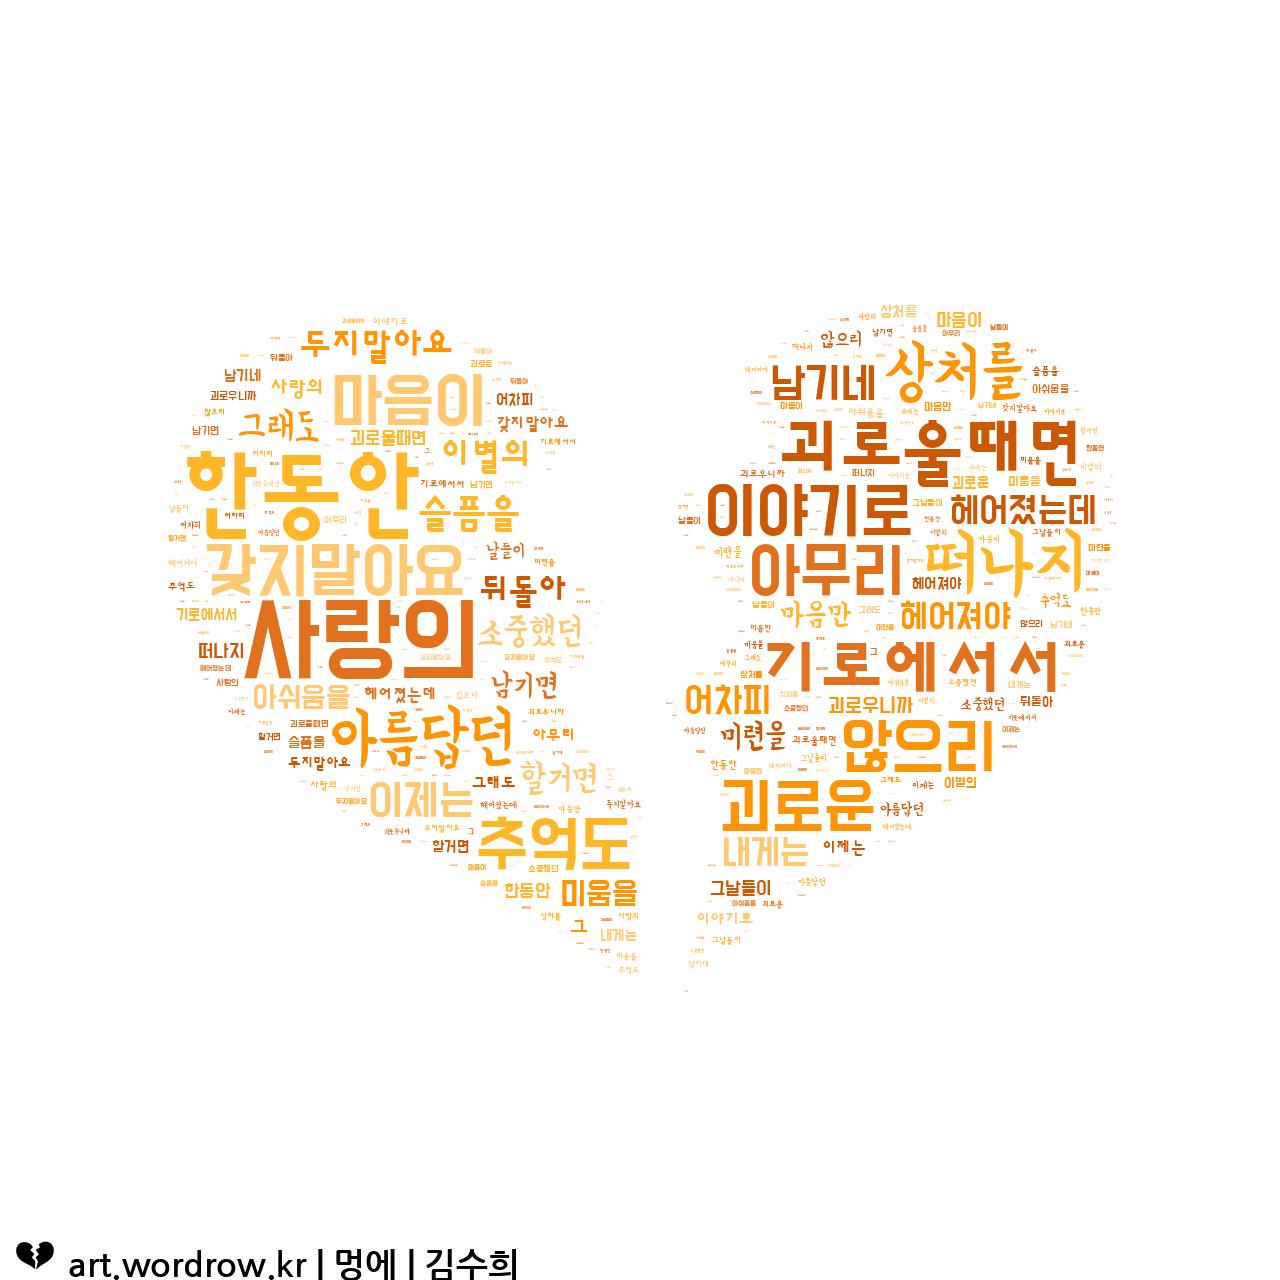 워드 클라우드: 멍에 [김수희]-73